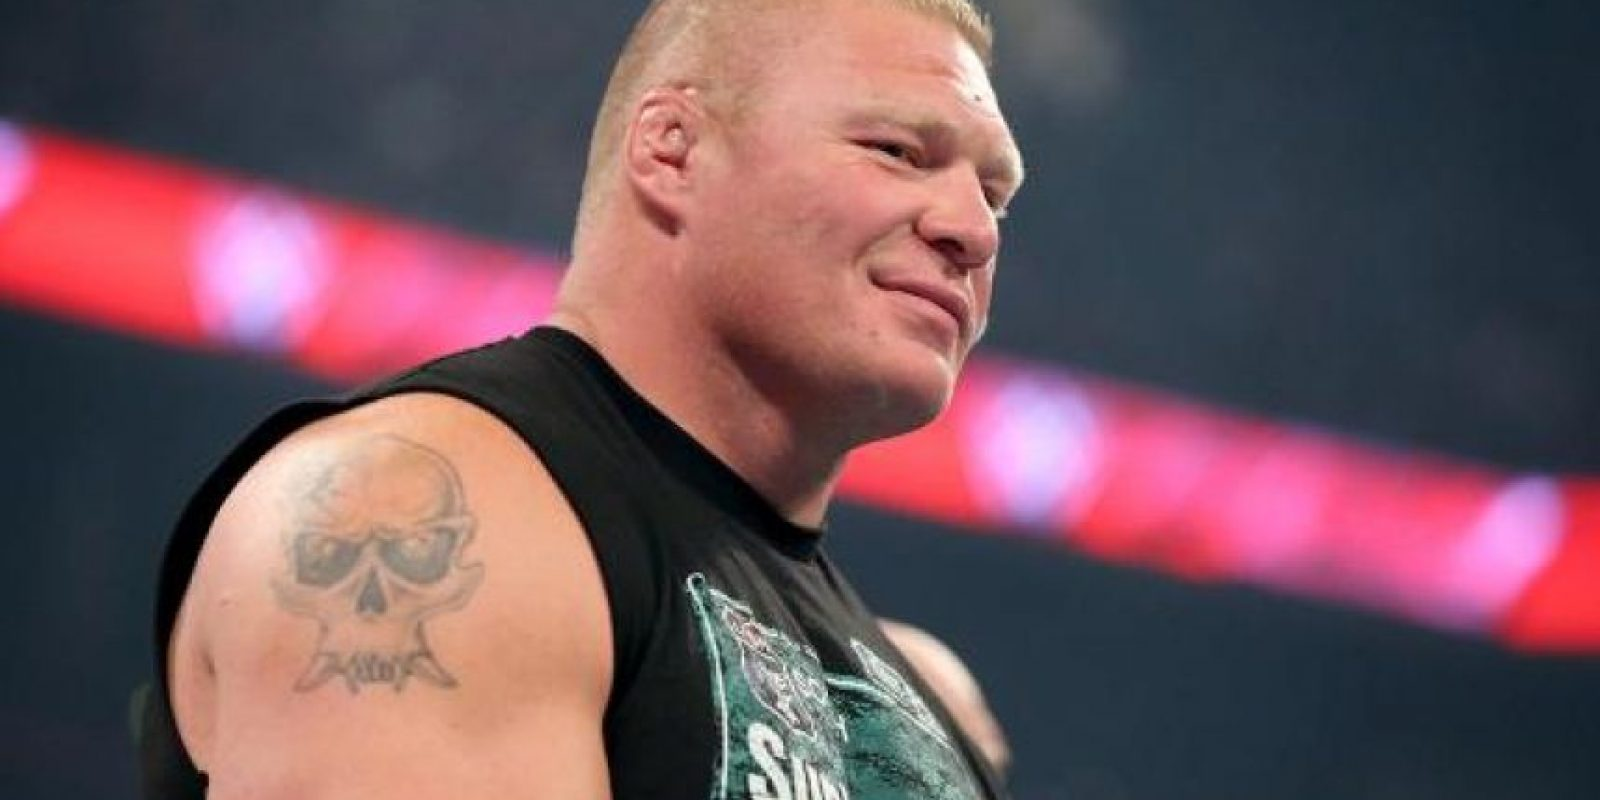 """7. Canalizar la furia de buena forma. Todos sabemos que """"La Bestia"""" es explosivo, pero ha encontrado la forma de equilibrar sus impulsos hasta convertirse en uno de los luchadores más respetados por el entretenimiento deportivo Foto:WWE"""